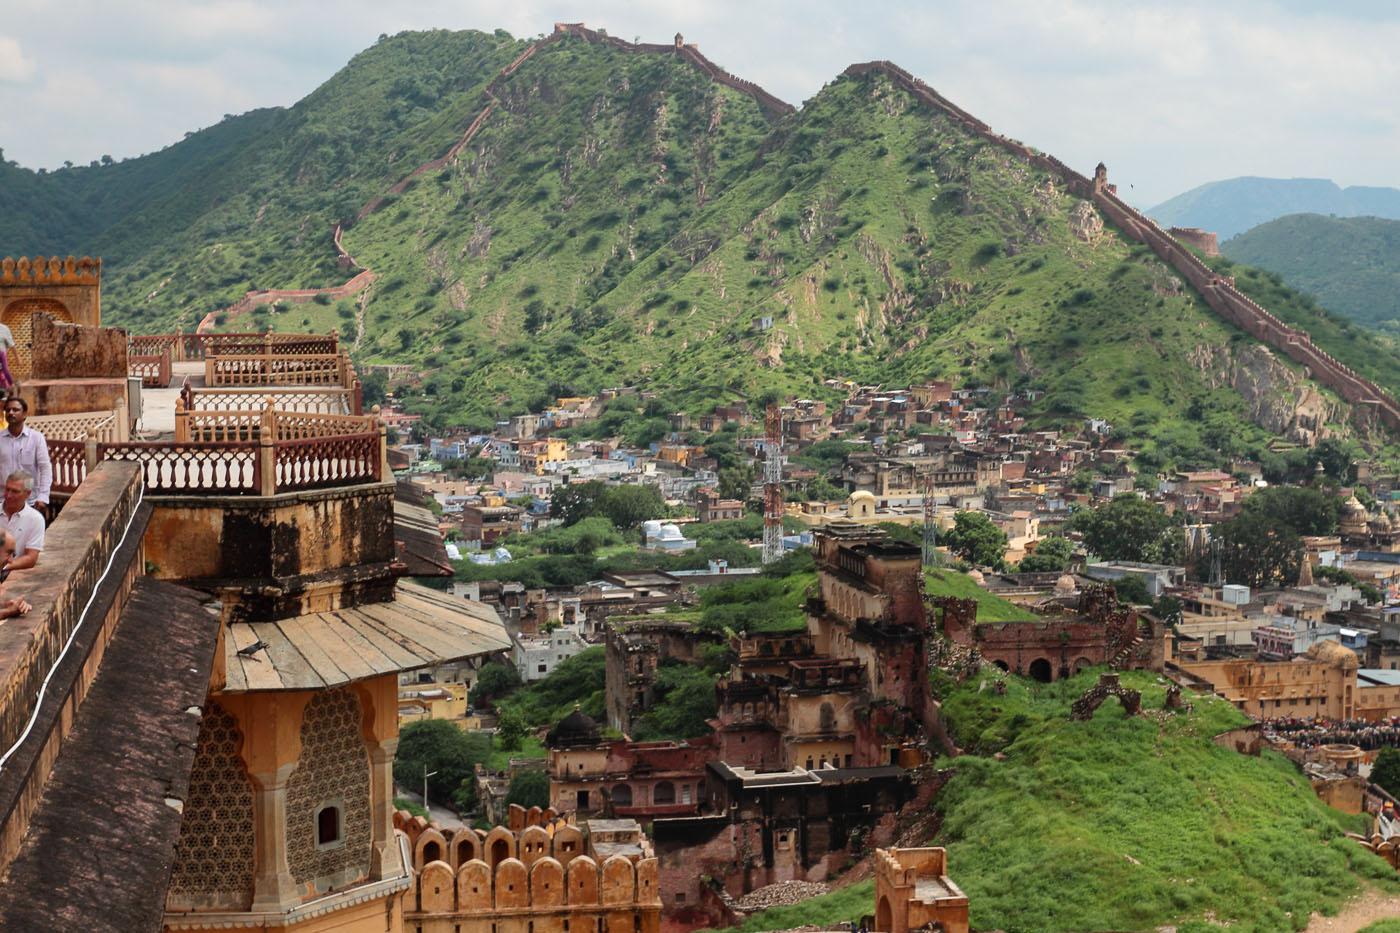 """Фото 7"""". Поездка на экскурсию по Золотому треугольнику Индии. """"Великая Китайская Стена"""" в Джайпуре"""